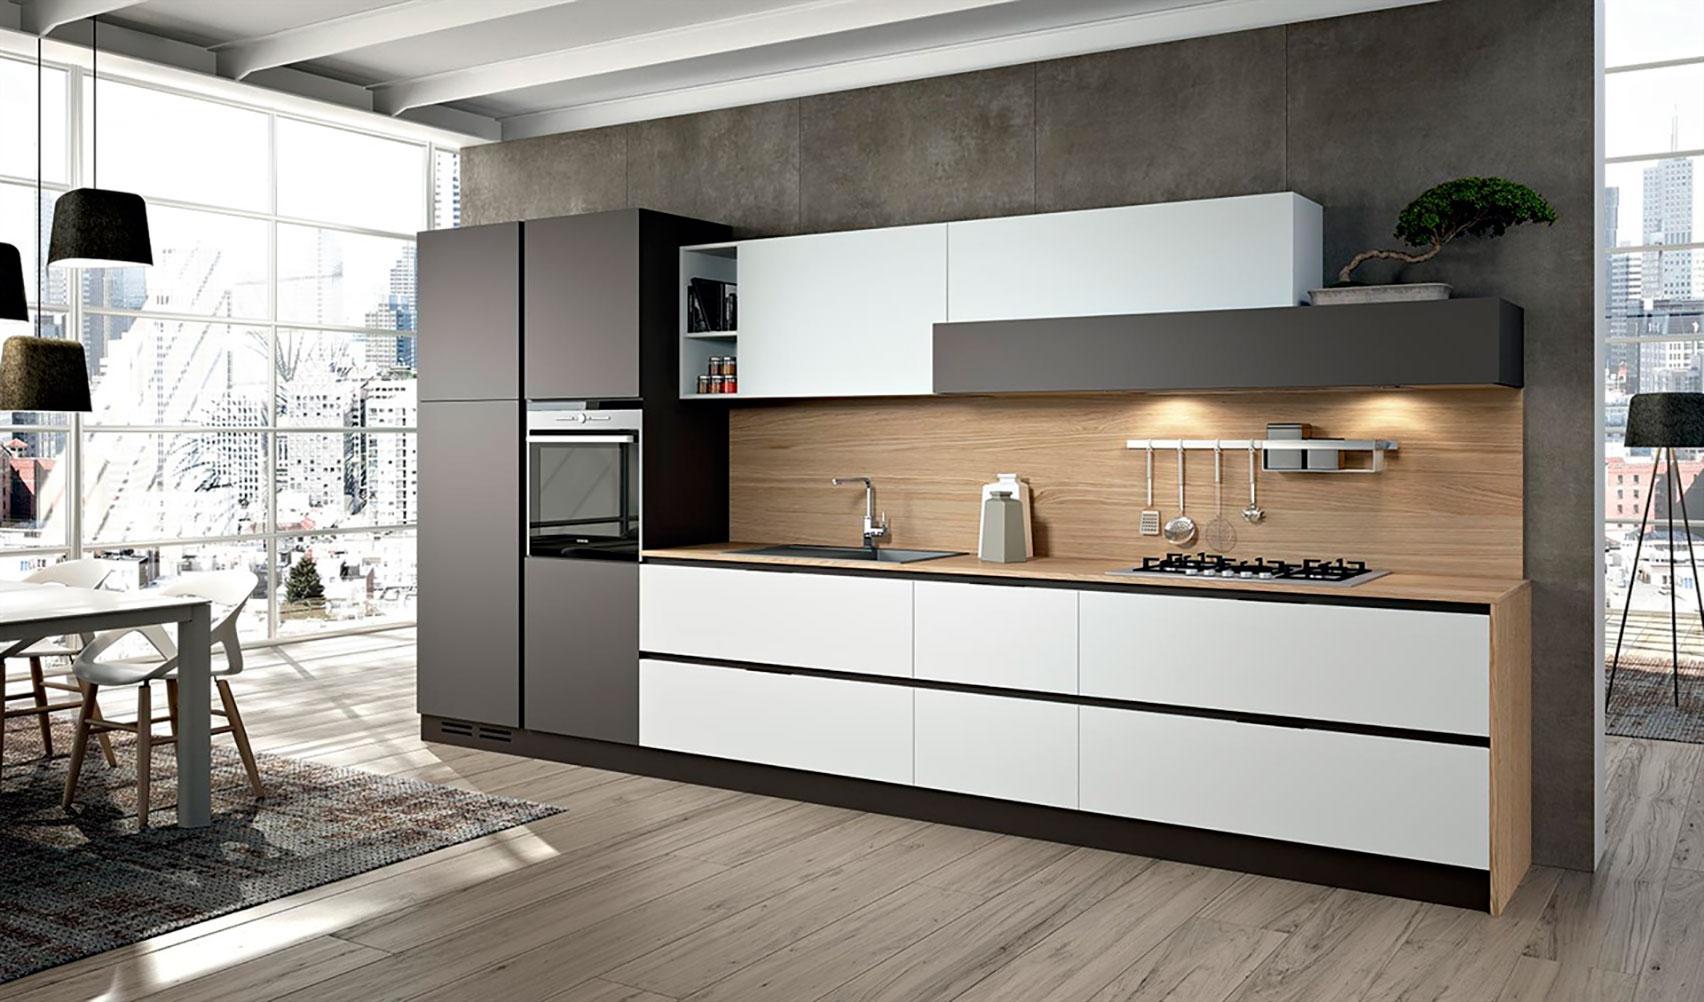 Decoracion de cocinas modernas en zaragoza blunni for Cocinas paralelas